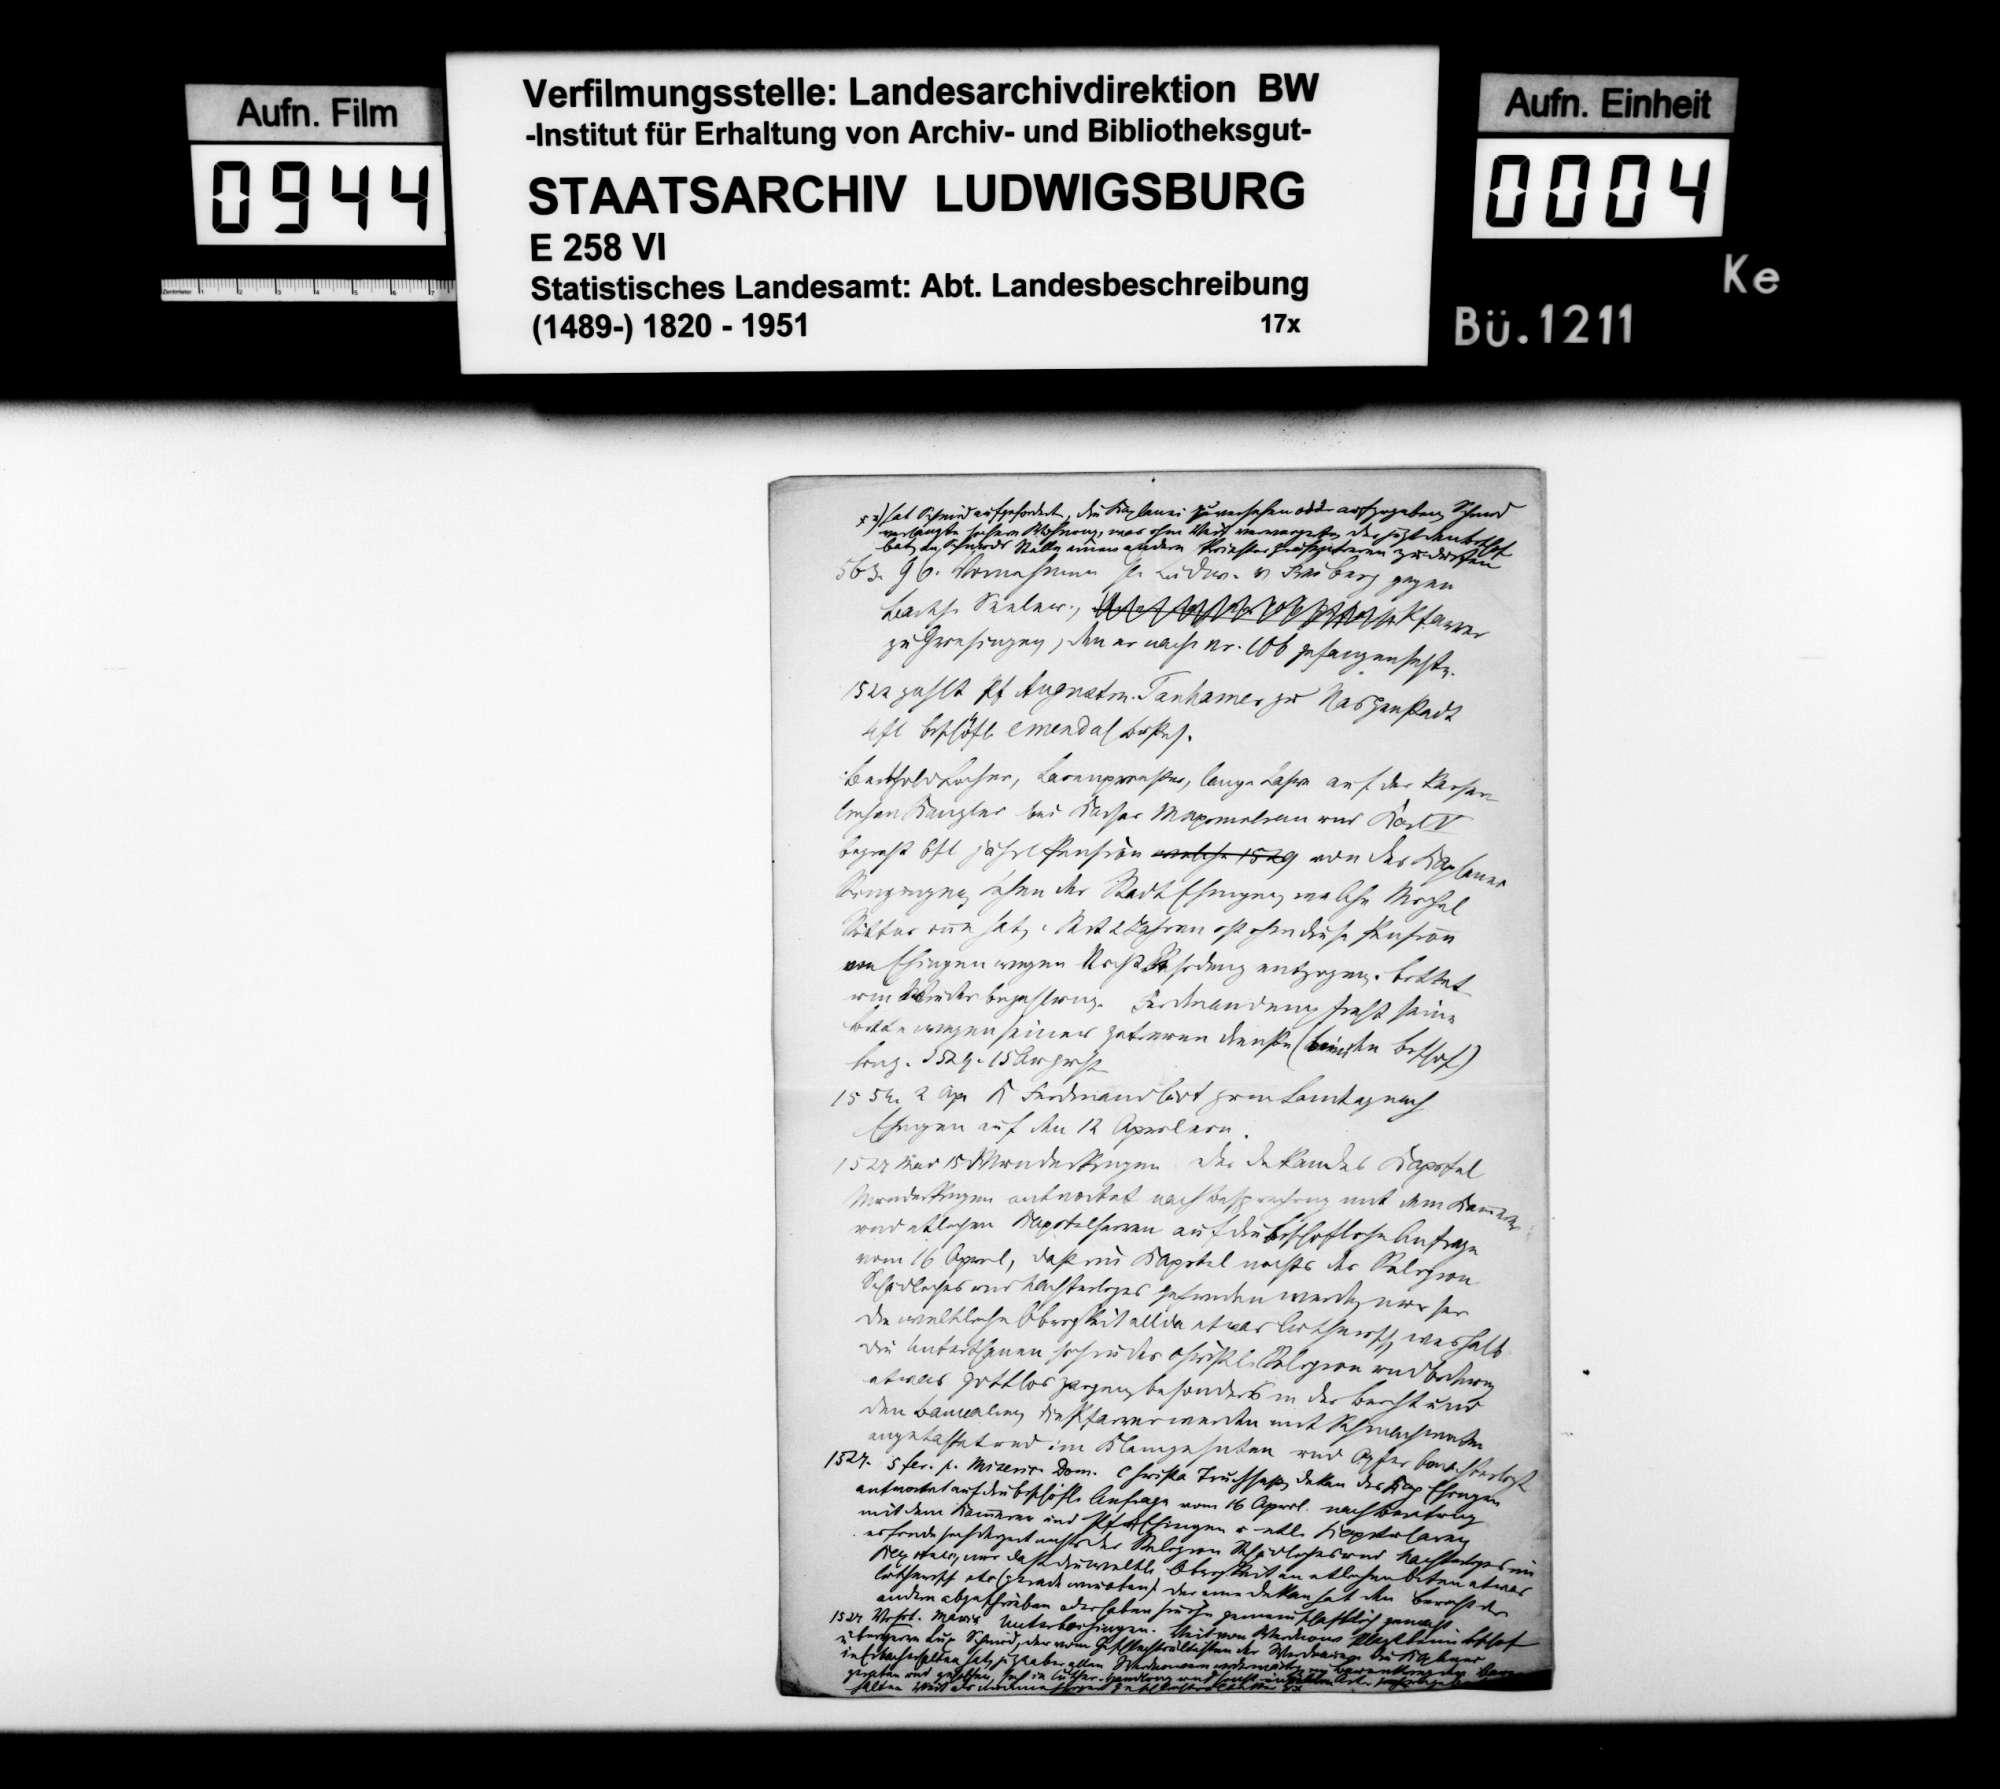 Materialsammlung sowie Berichtigung und Nachtrag zur OAB 1893, Bild 3